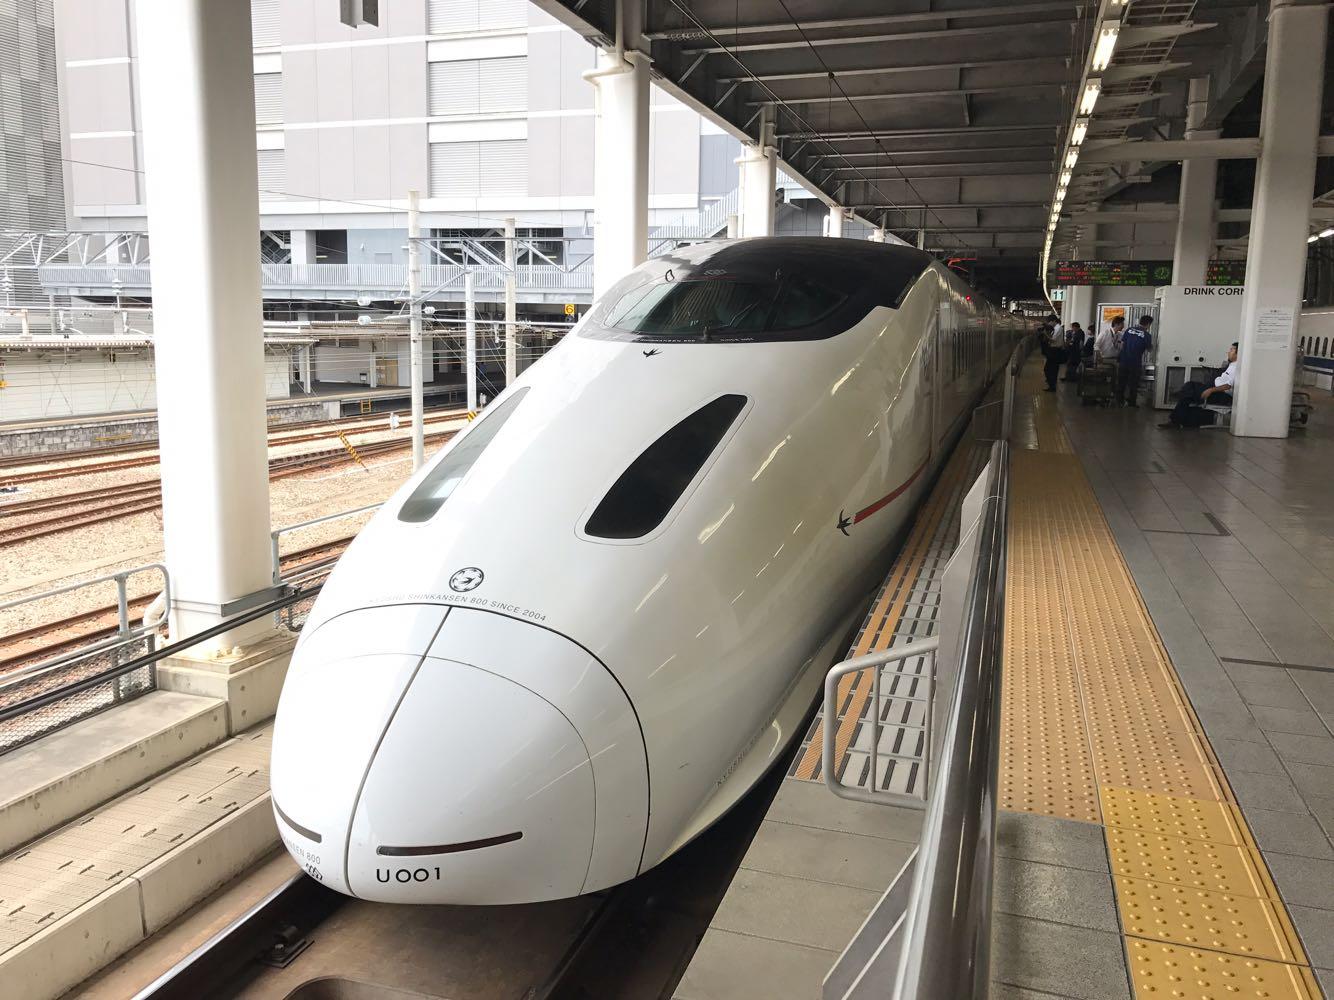 炭酸泉最高!九州新幹線日帰り2枚きっぷを使って船小屋温泉「恋ぼたる」に行ってきた♪